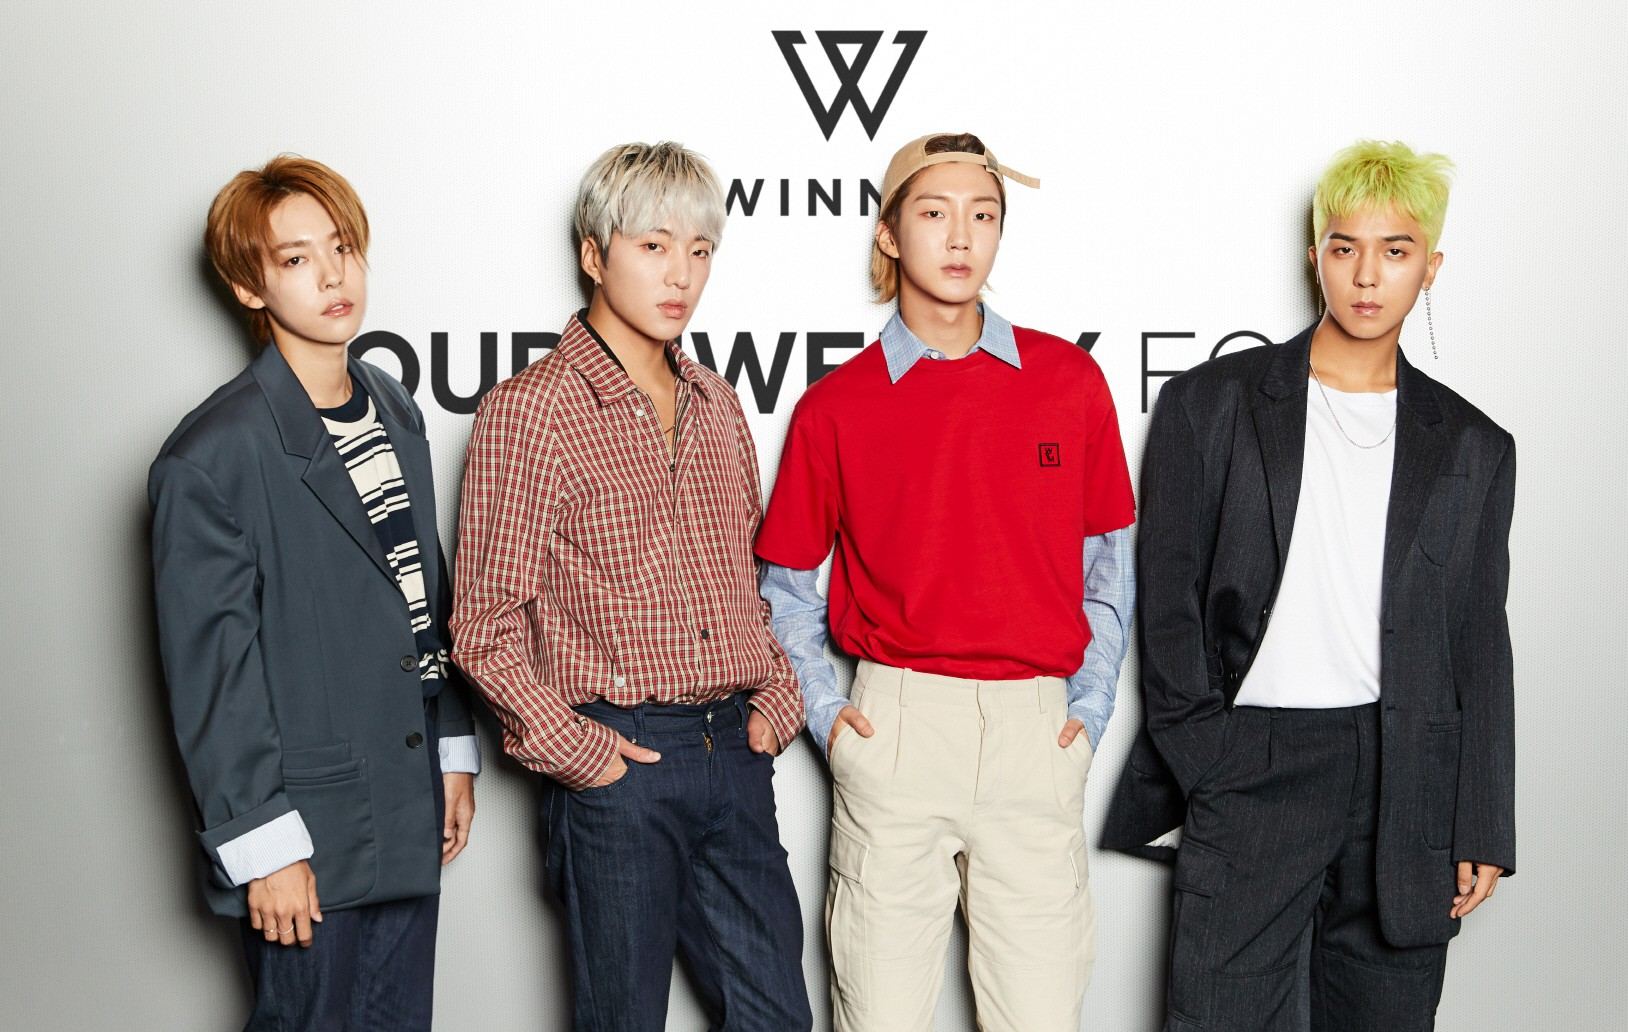 Đội mũ chắc vào, vì tháng 4 chính xác là đường đua vàng của Kpop 2019 với sự xuất hiện của loạt tên tuổi đình đám! - Ảnh 13.